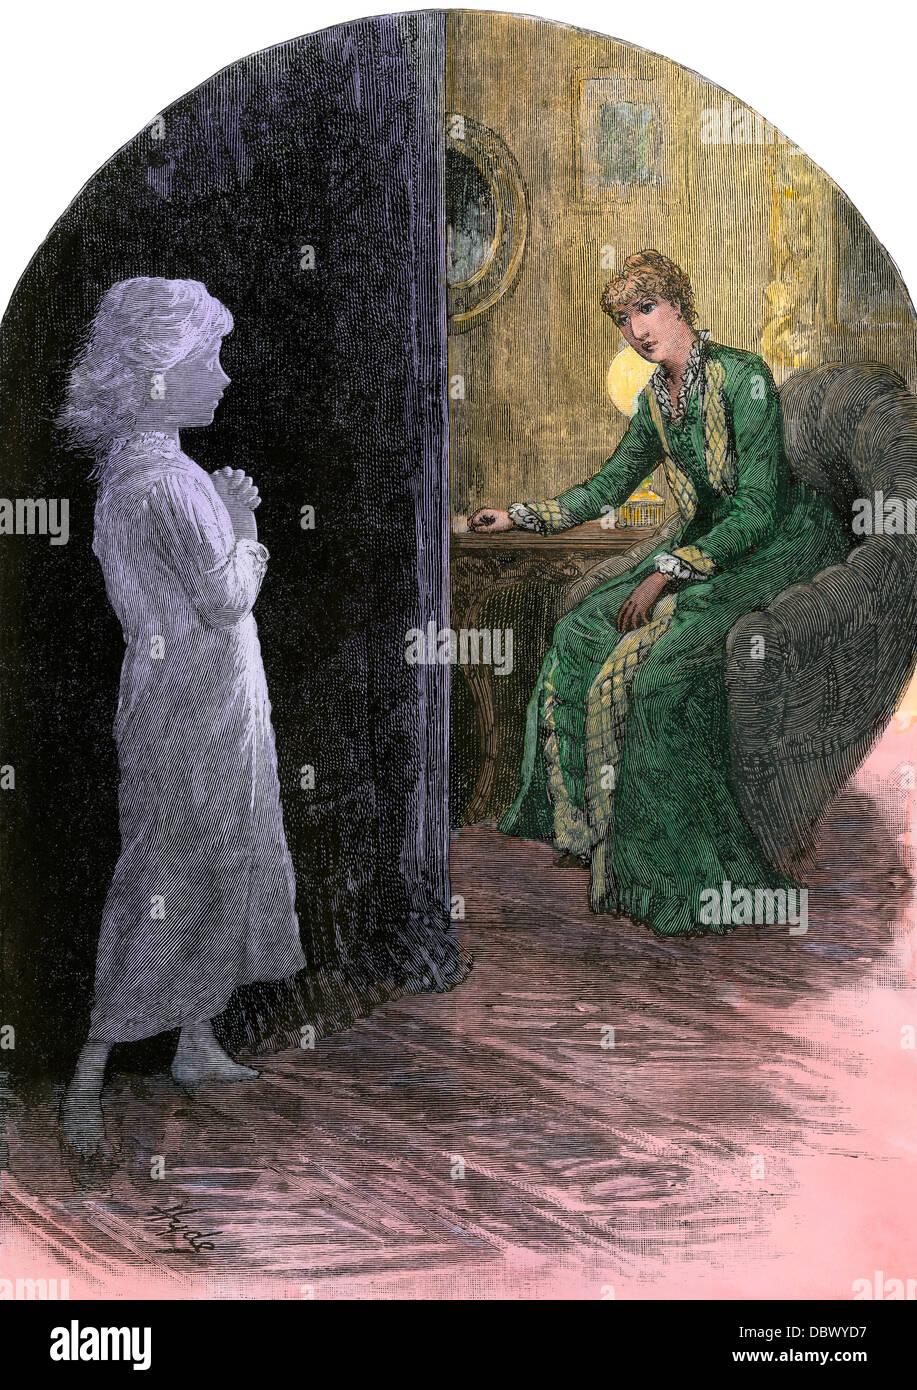 Viktorianische Baumschule der Geist von einem schönen Kind heimgesucht. Hand - farbige Holzschnitt Stockbild